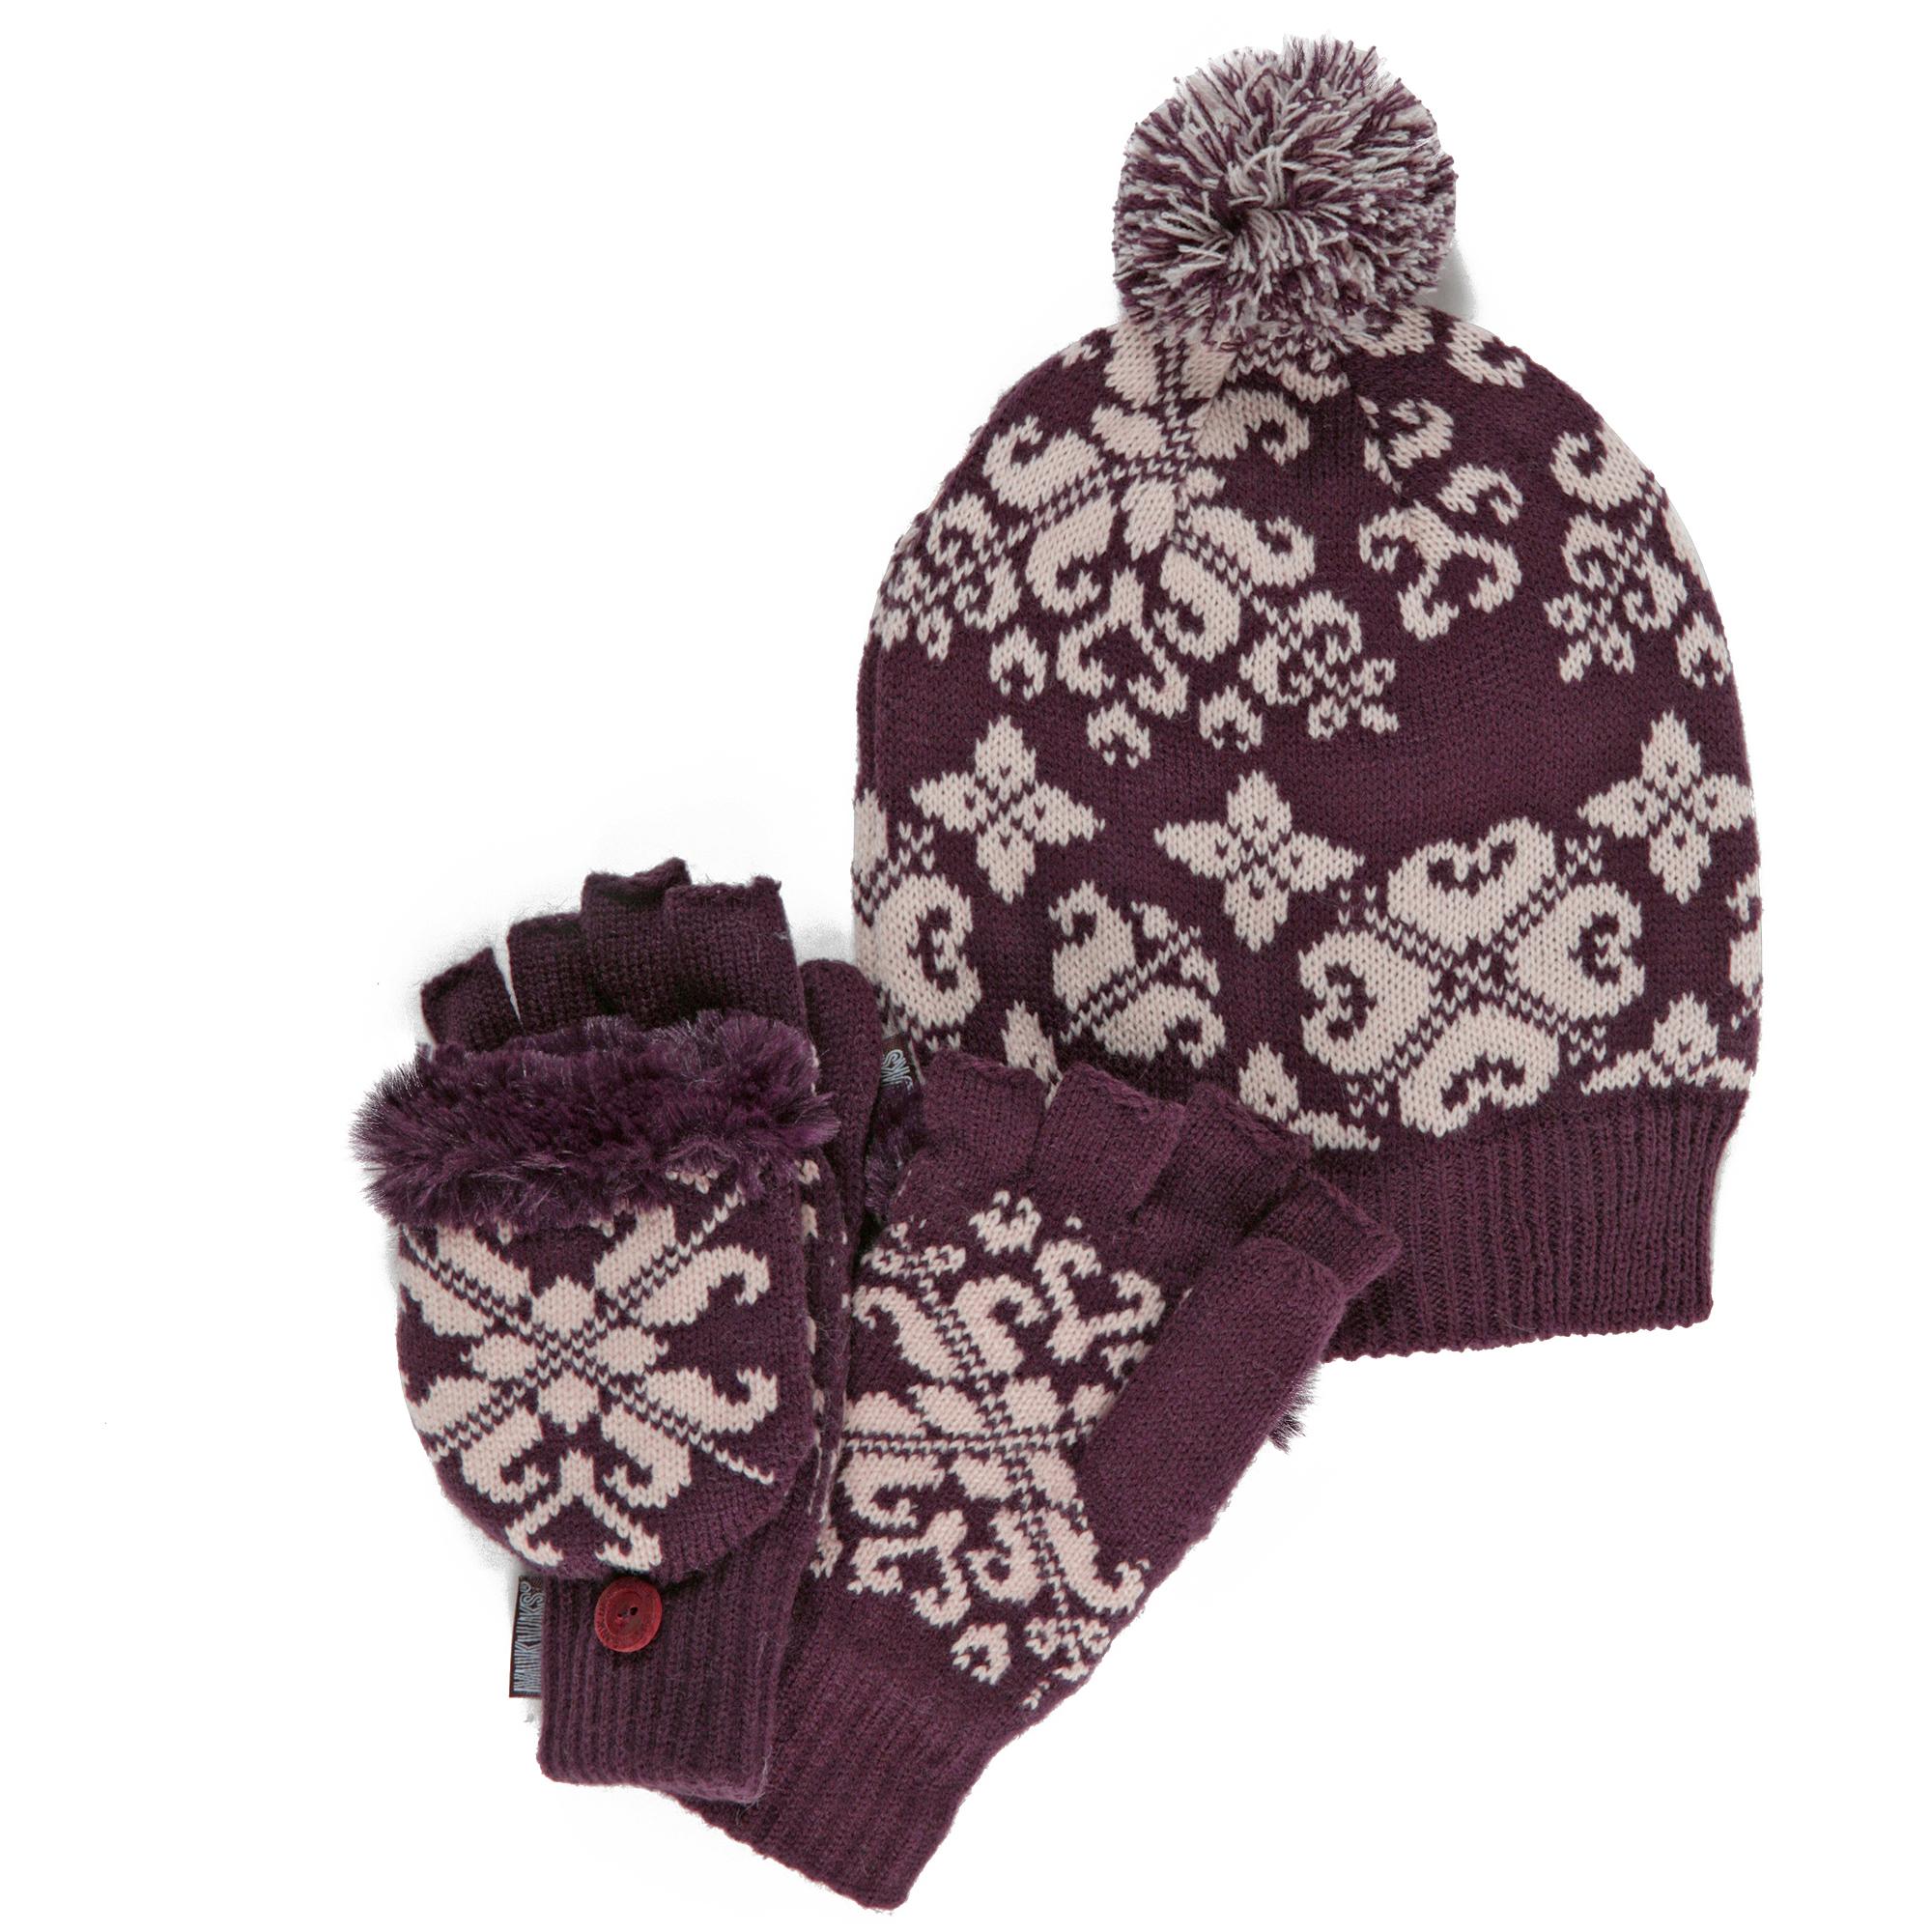 MUK LUKS Cuff Cap with Flip Gloves